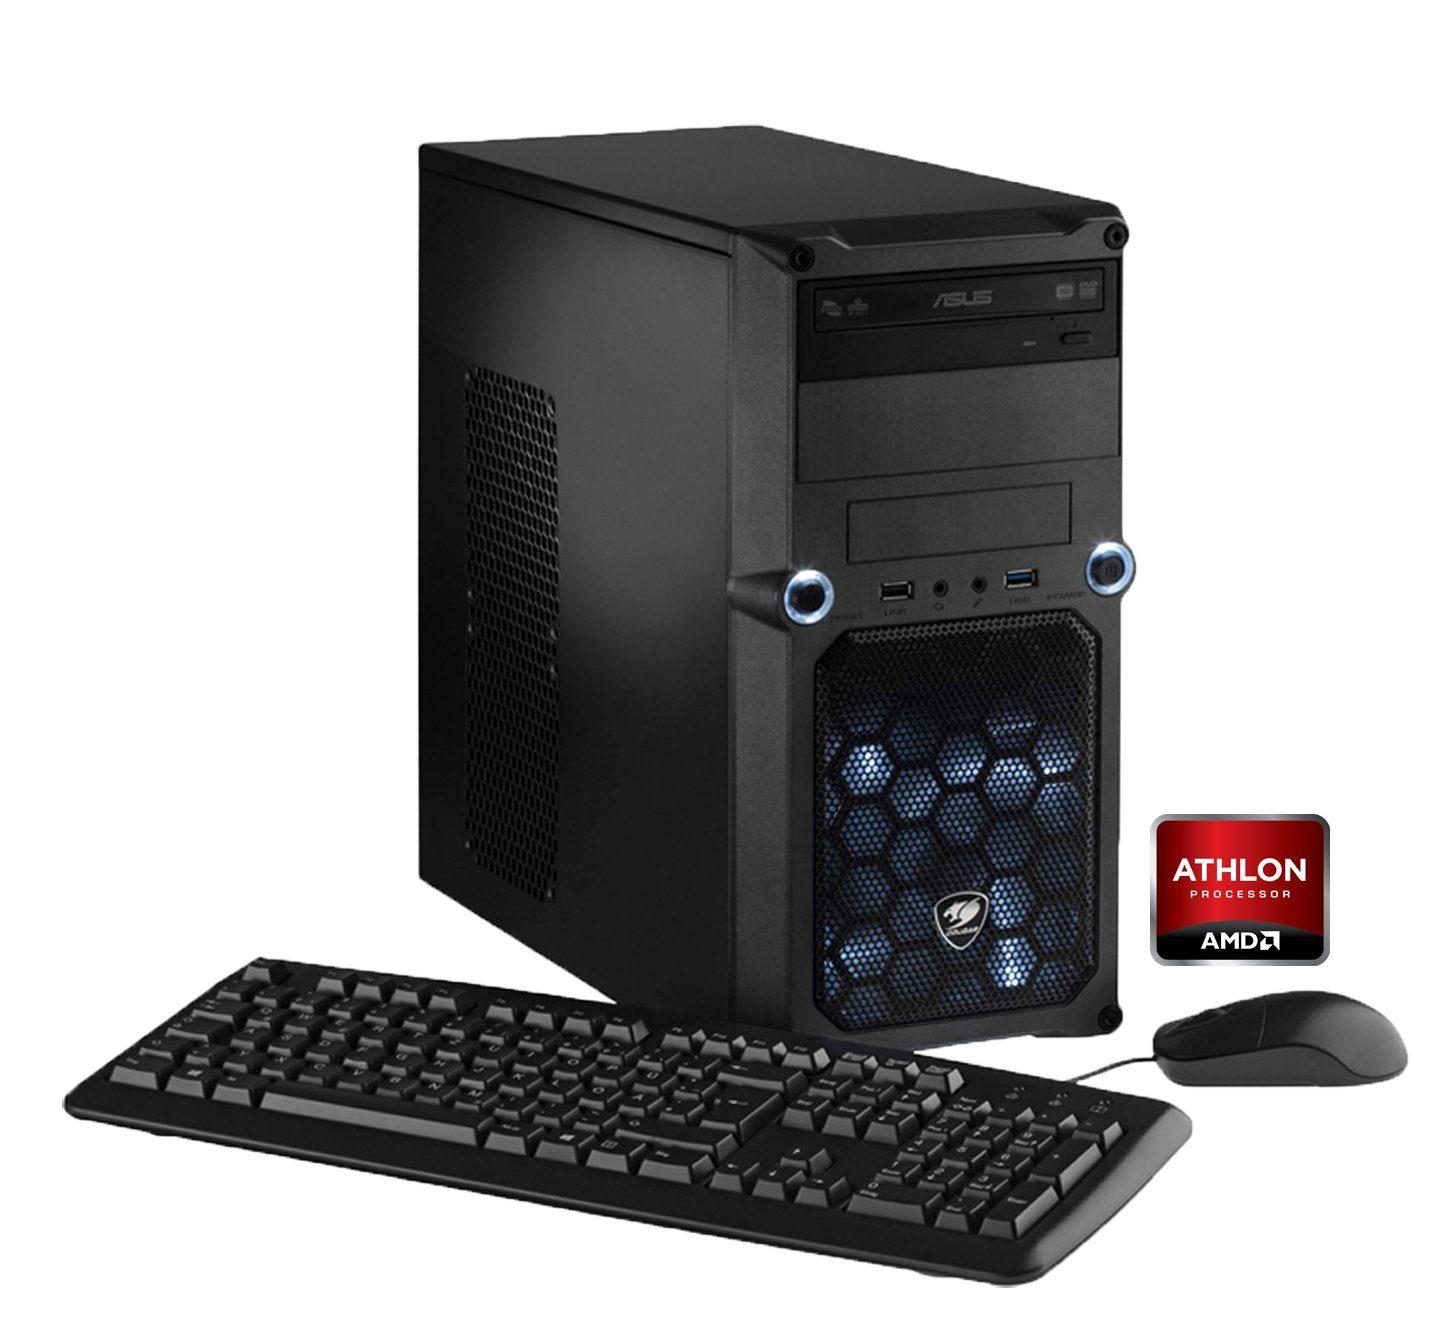 Hyrican Gaming PC AMD X4 880K, 16GB, 1TB, 120 SSD, GTX 950, Windows 10 »CyberGamer 5104«